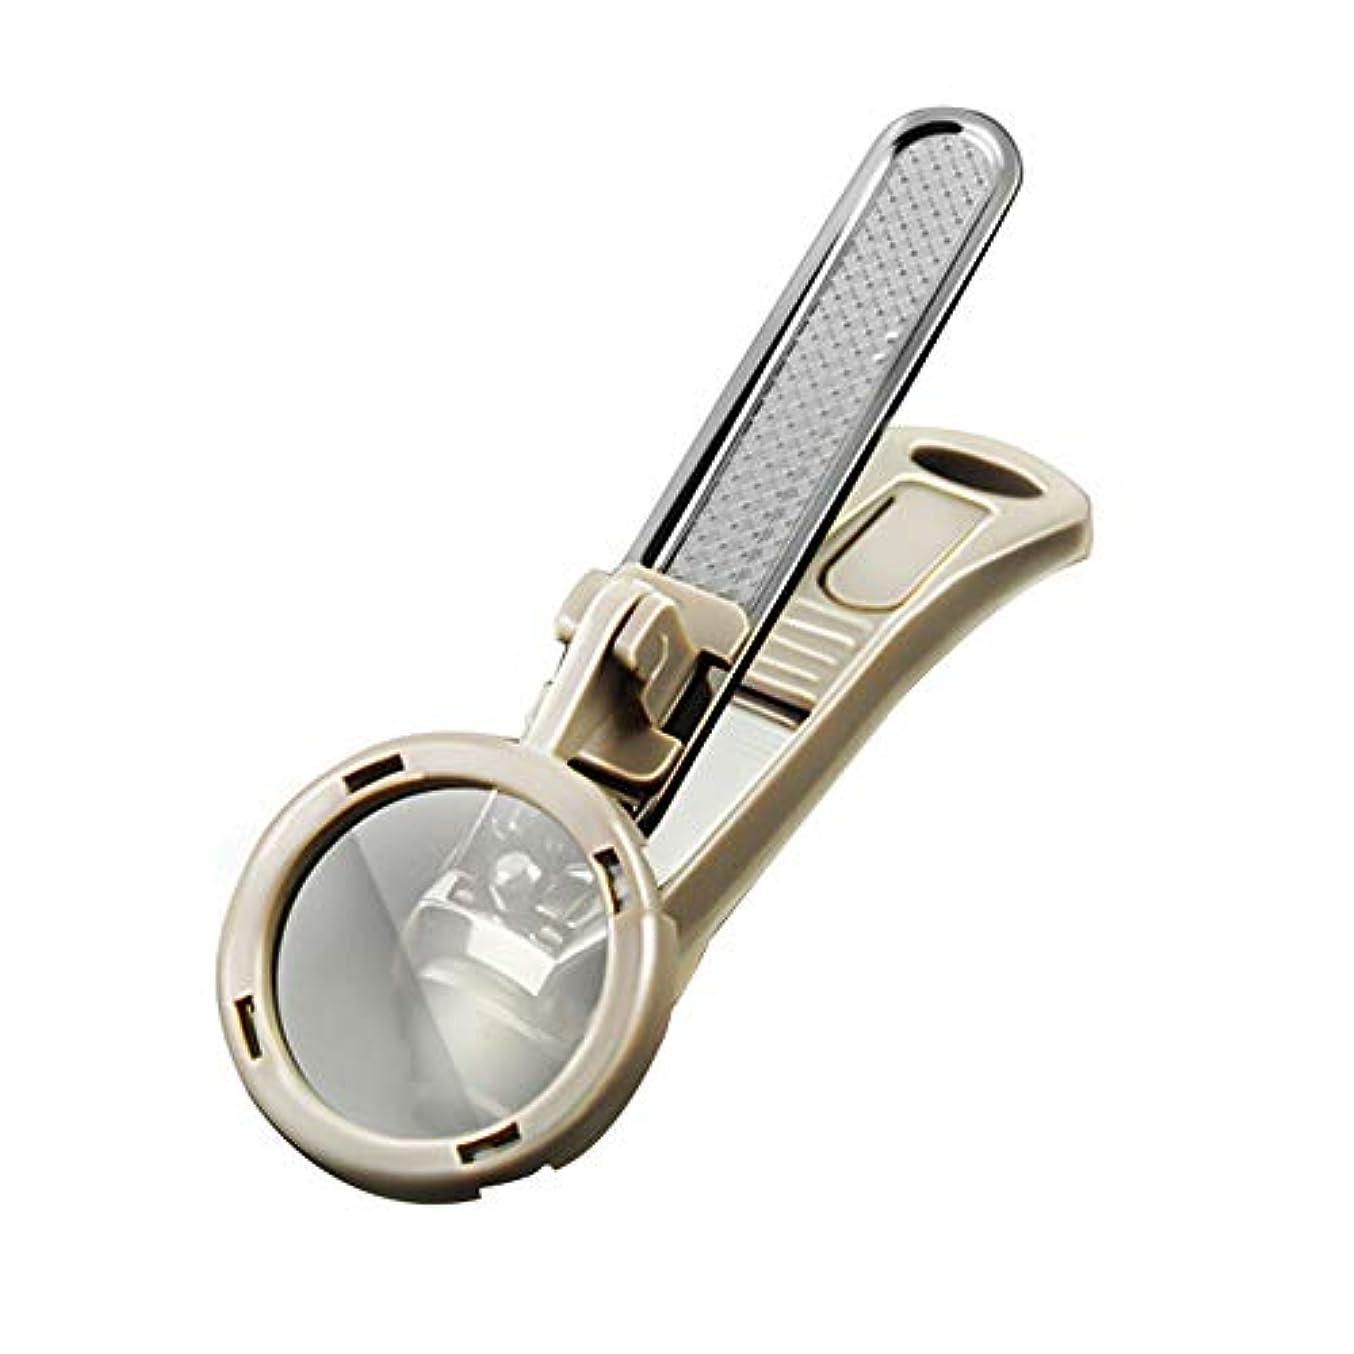 試みシガレットパントリー2.5倍の爪切りの拡大鏡,取り外し可能な拡大鏡の高齢者の爪切り ベビーセーフティーネイルケア ,収納ボックス付き